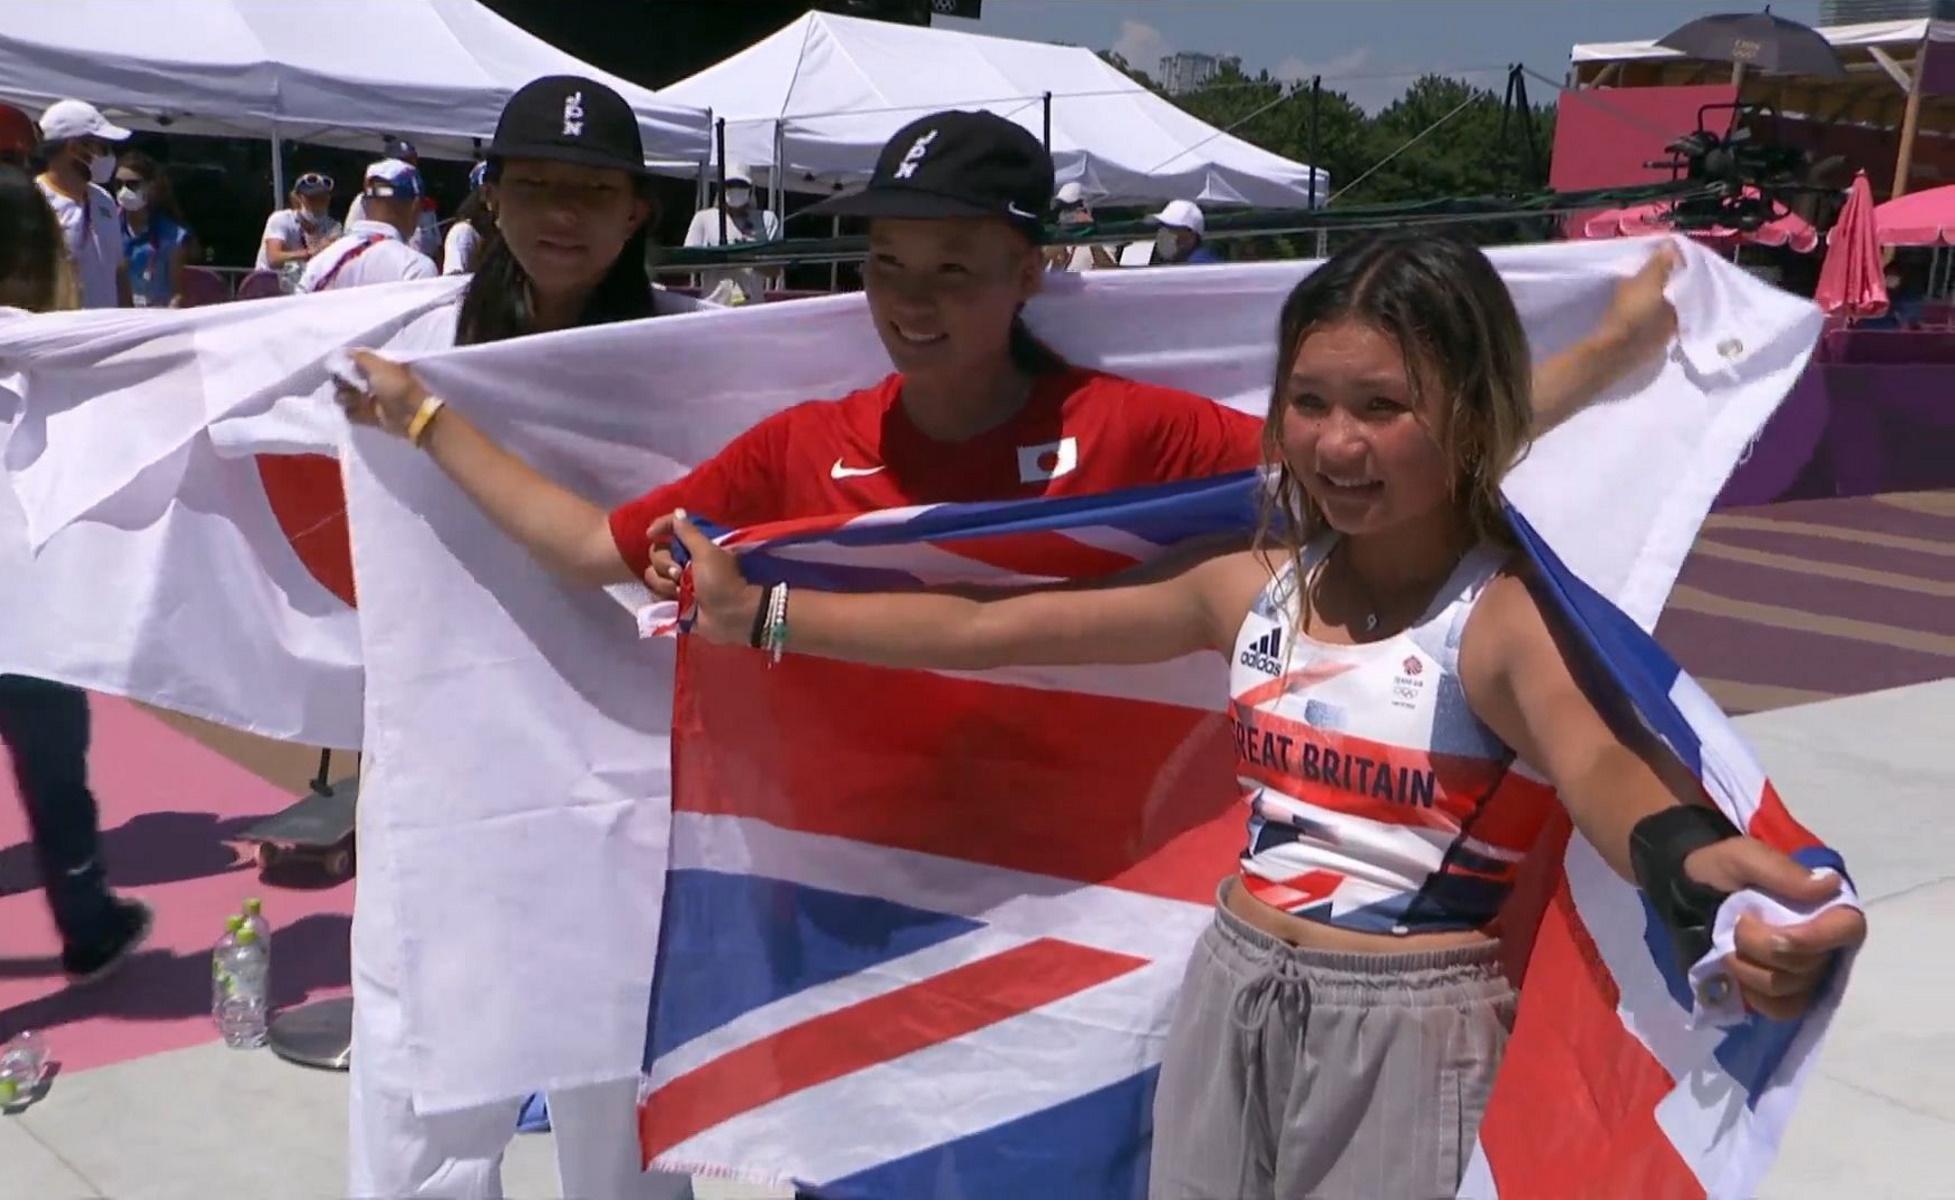 Ολυμπιακοί Αγώνες: Μια 12χρονη και μια 13χρονη στο βάθρο στο σκέιτμπορντ